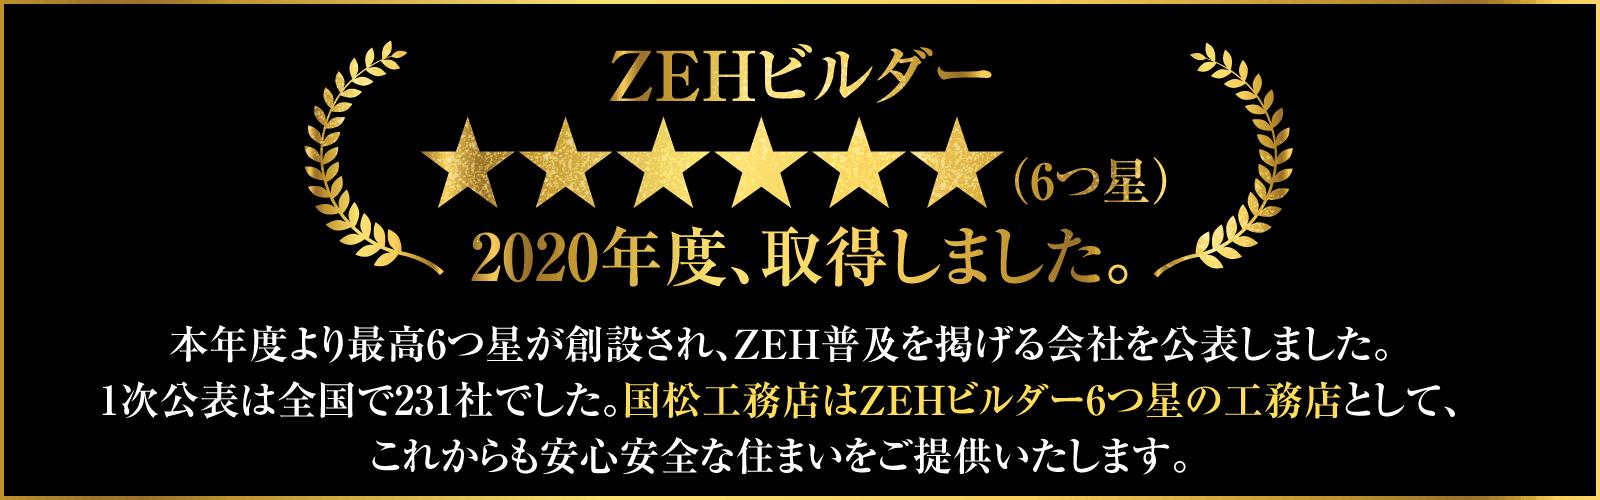 ZEHビルダー6つ星2021年度、取得しました。